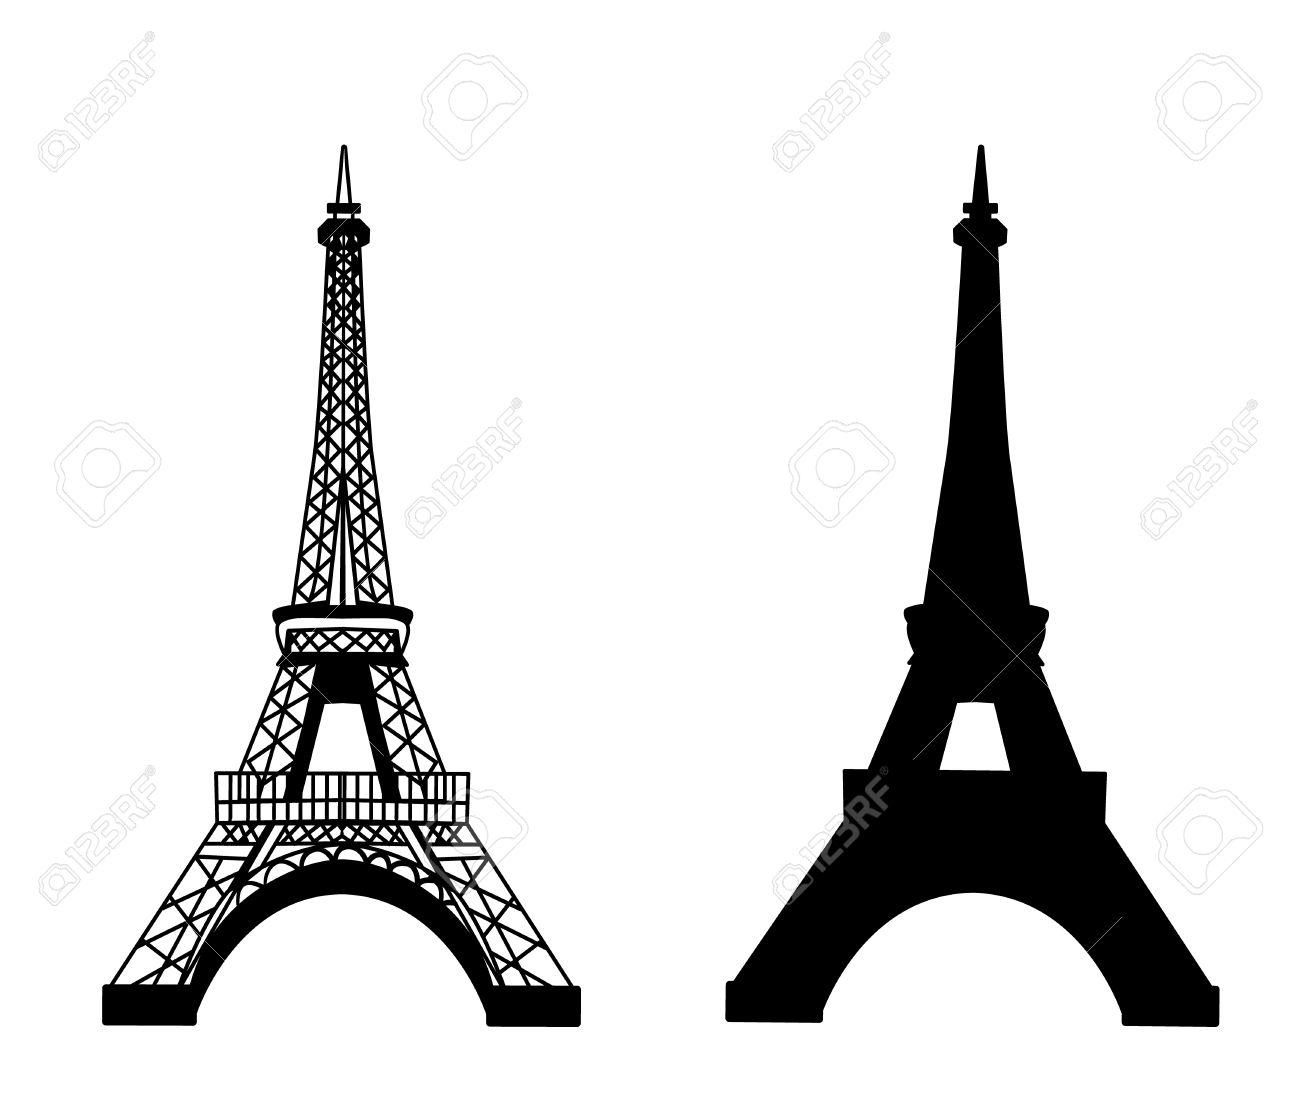 Tour Eiffel Vecteur Isole Illustration Noir Sur Blanc Ensemble Clip